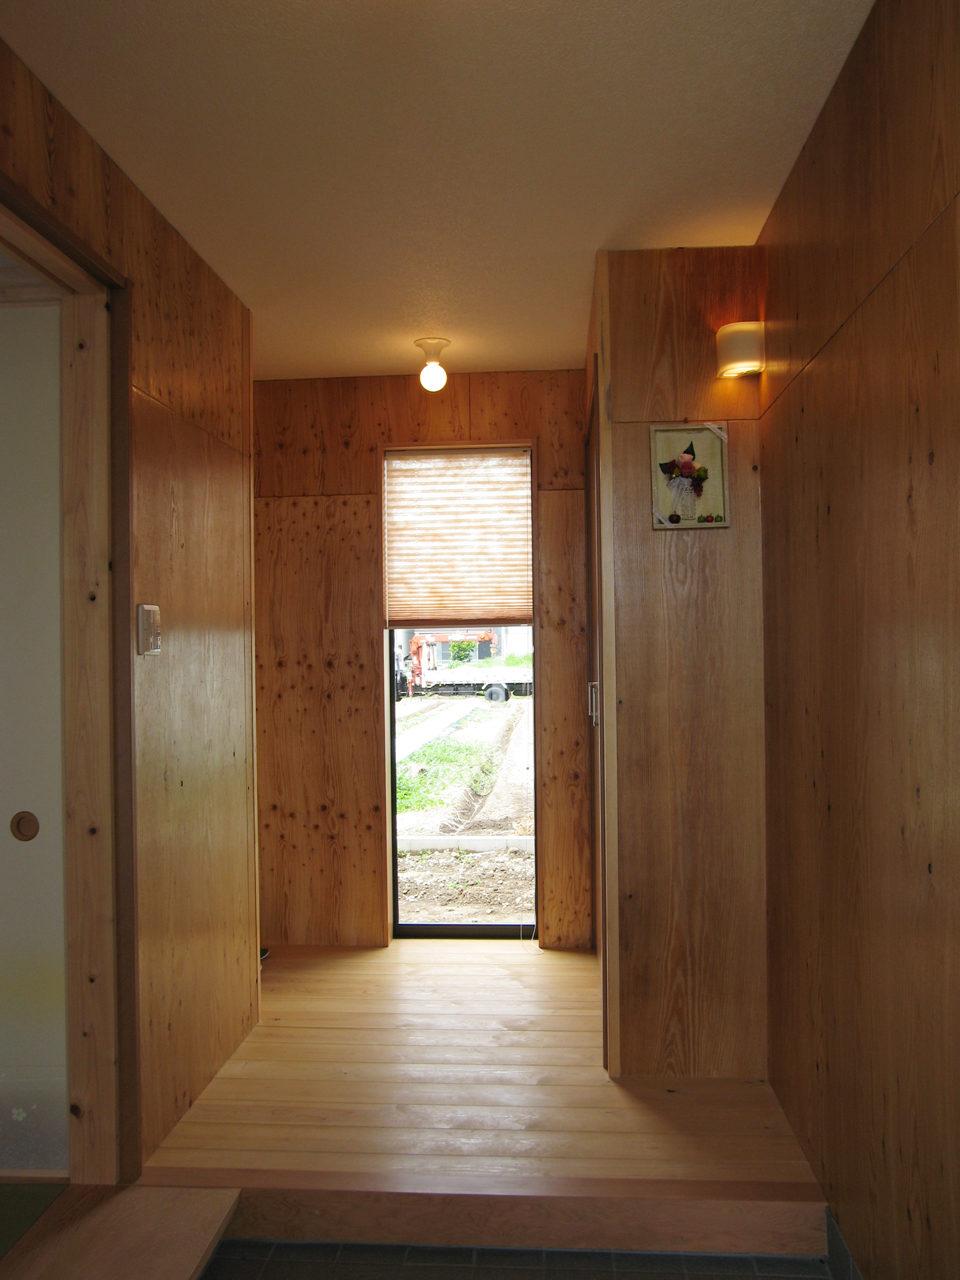 和風の玄関のある家の新築設計